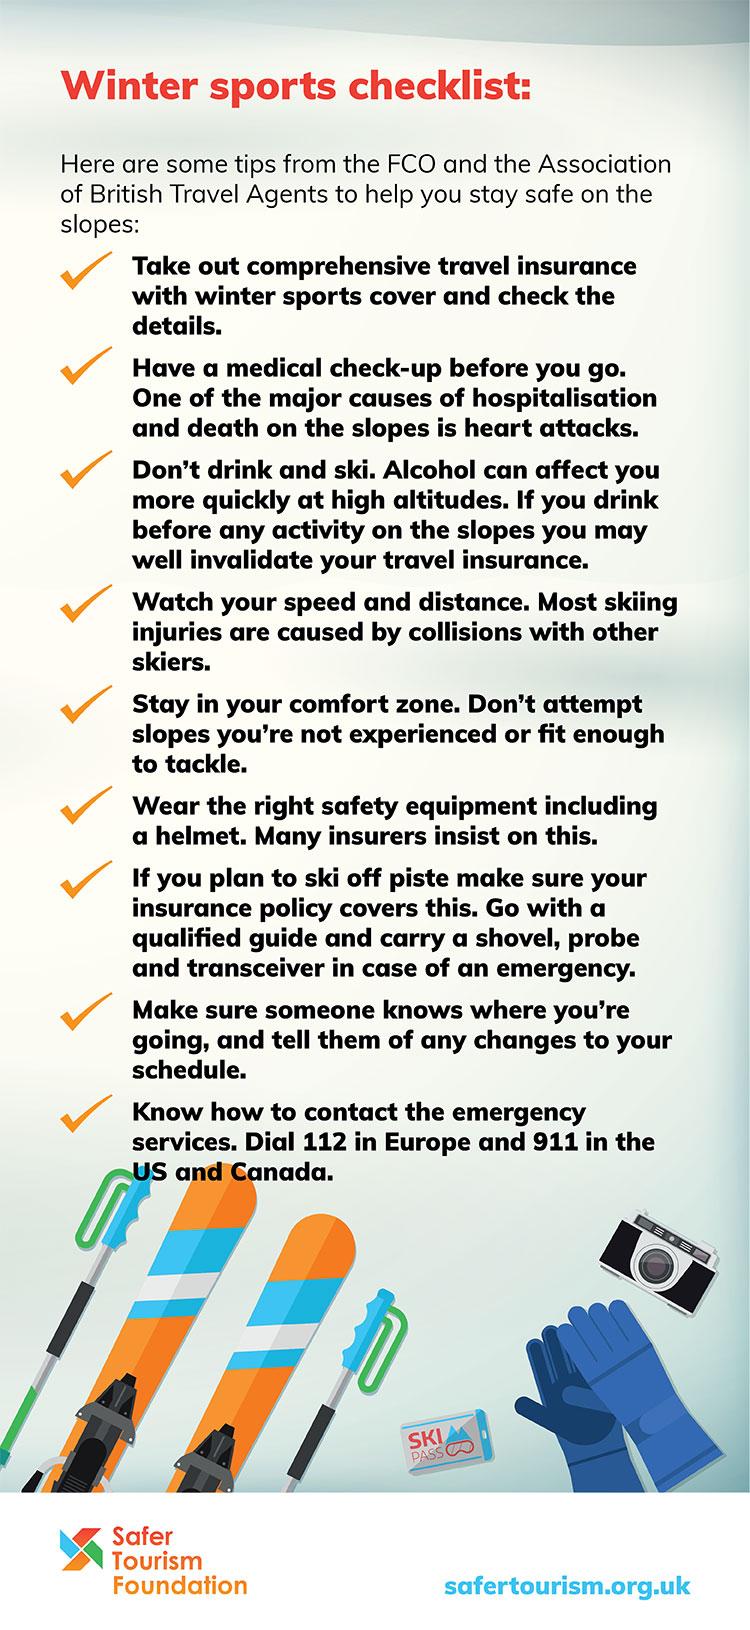 Winter sports checklist